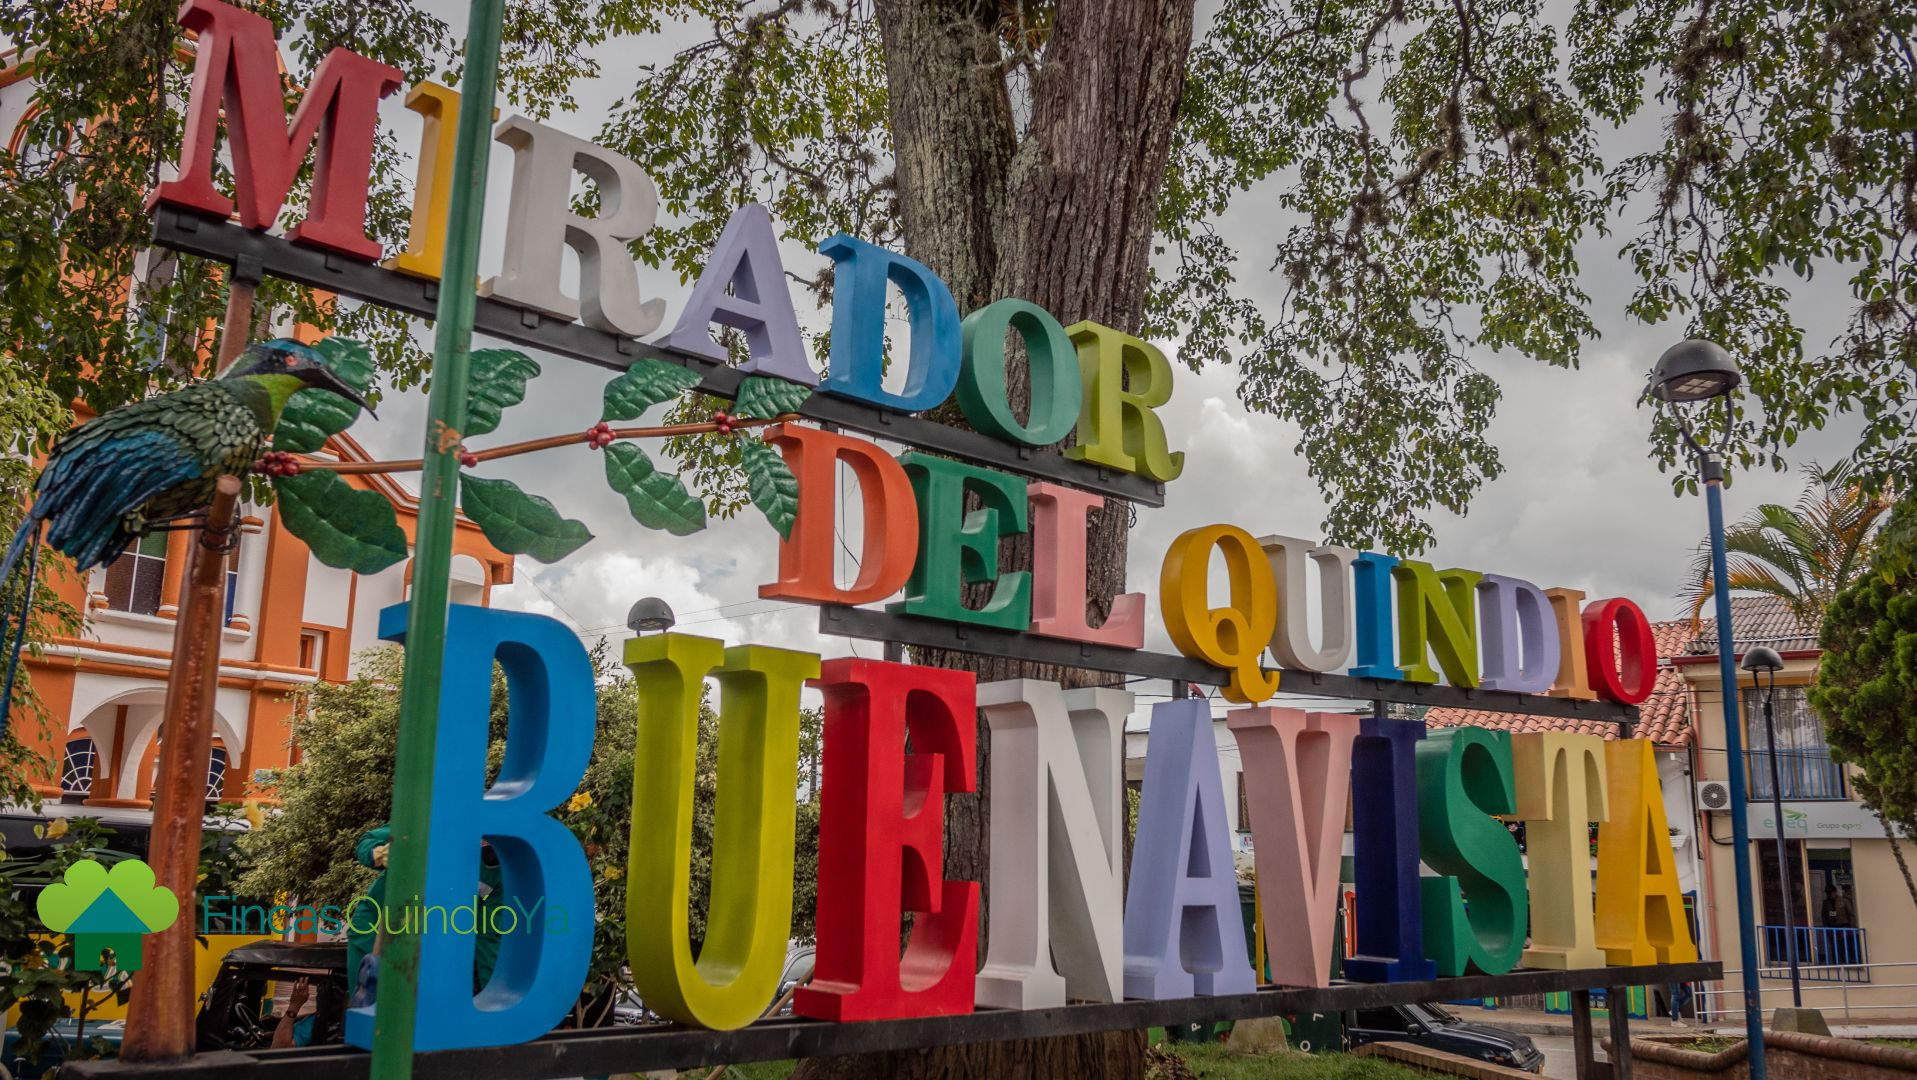 El nombre del pueblo en letras gigantes